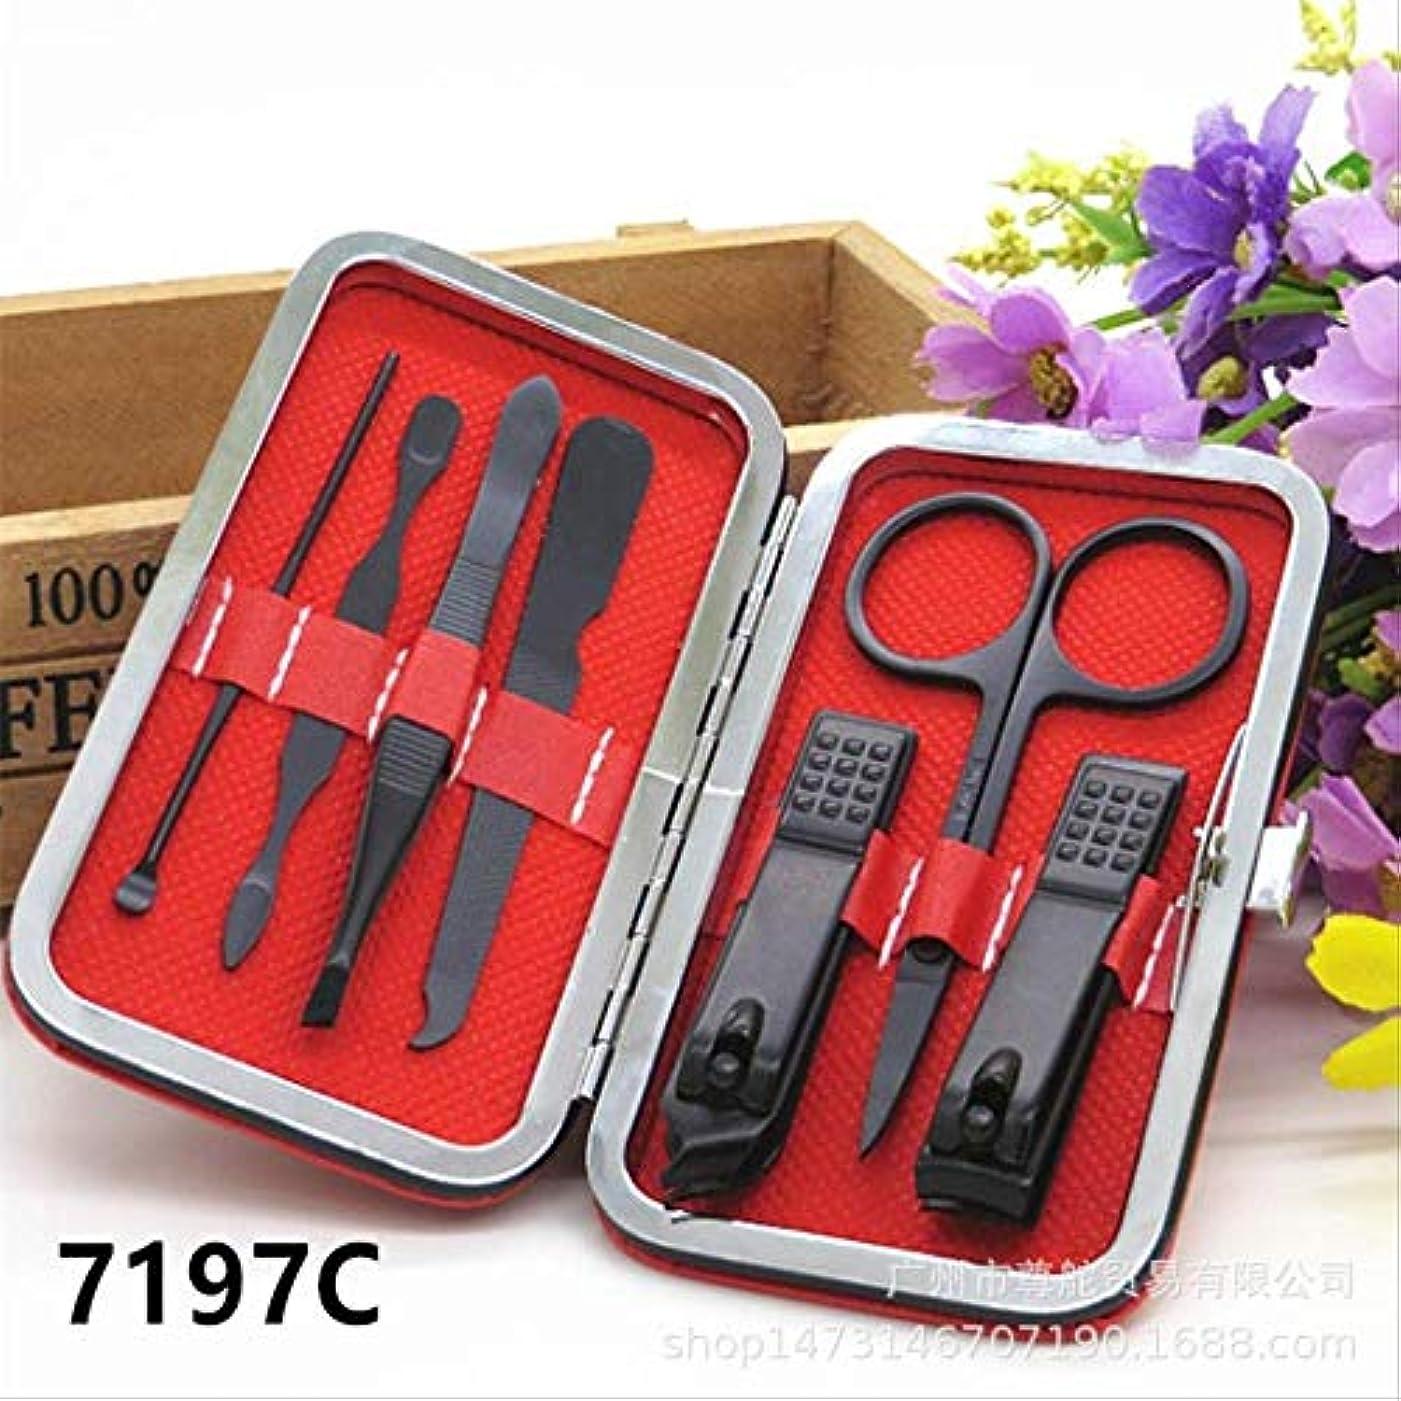 強制的マインドフル売る爪切りセット16ピースペディキュアナイフ美容プライヤー爪ツール 7197C